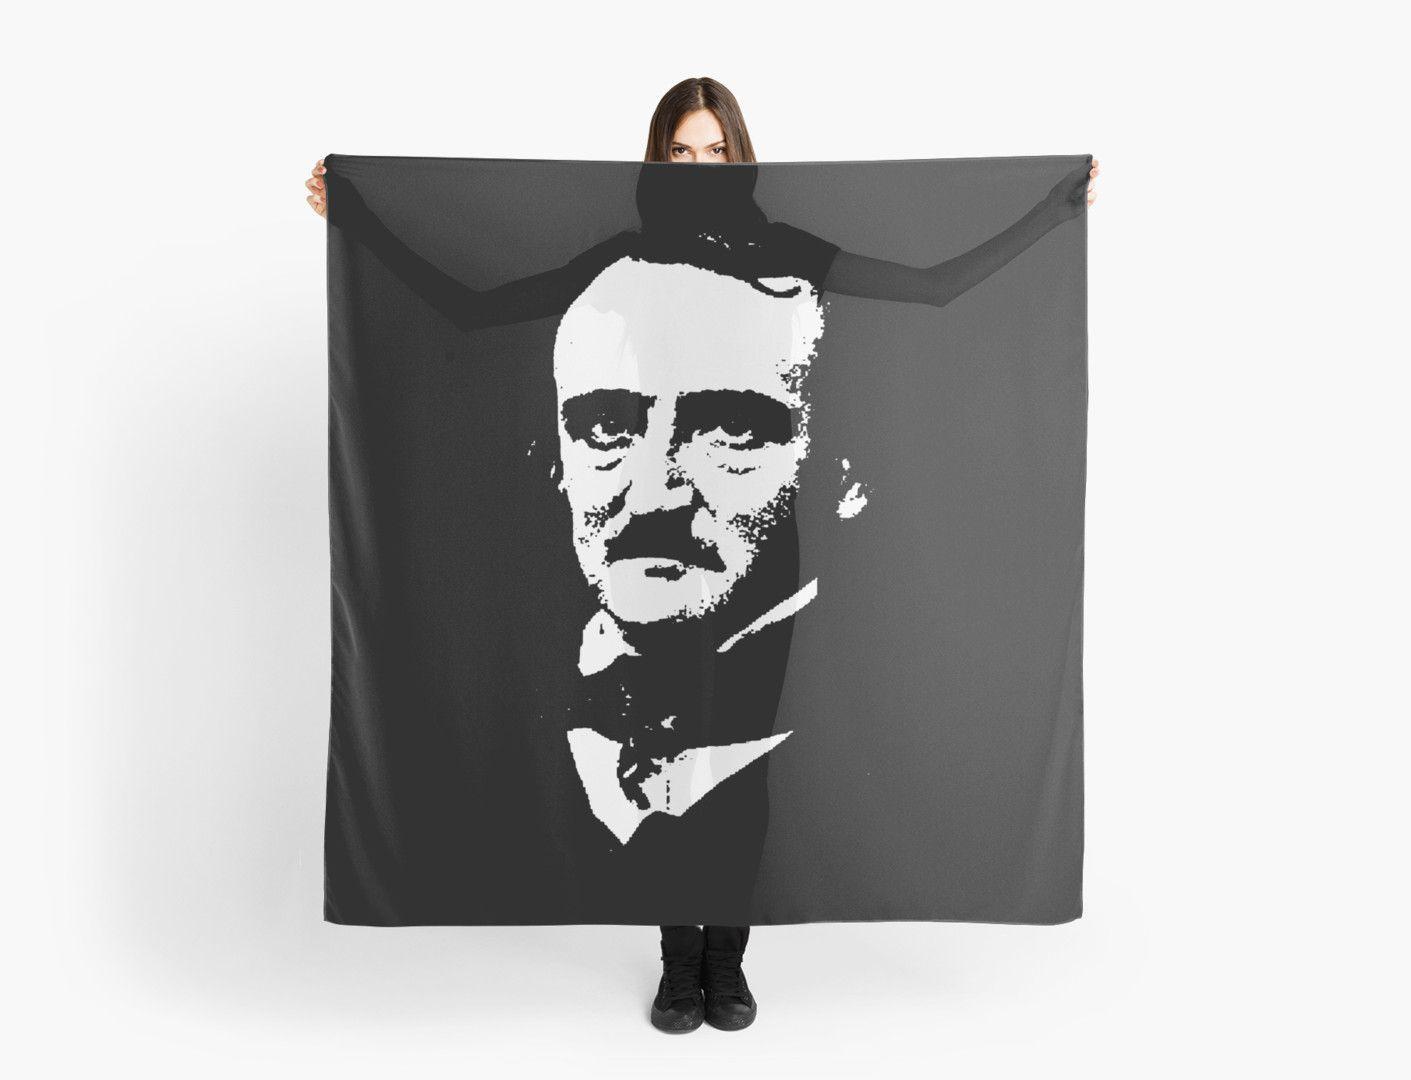 Edgar Allan Poe by IMPACTEES